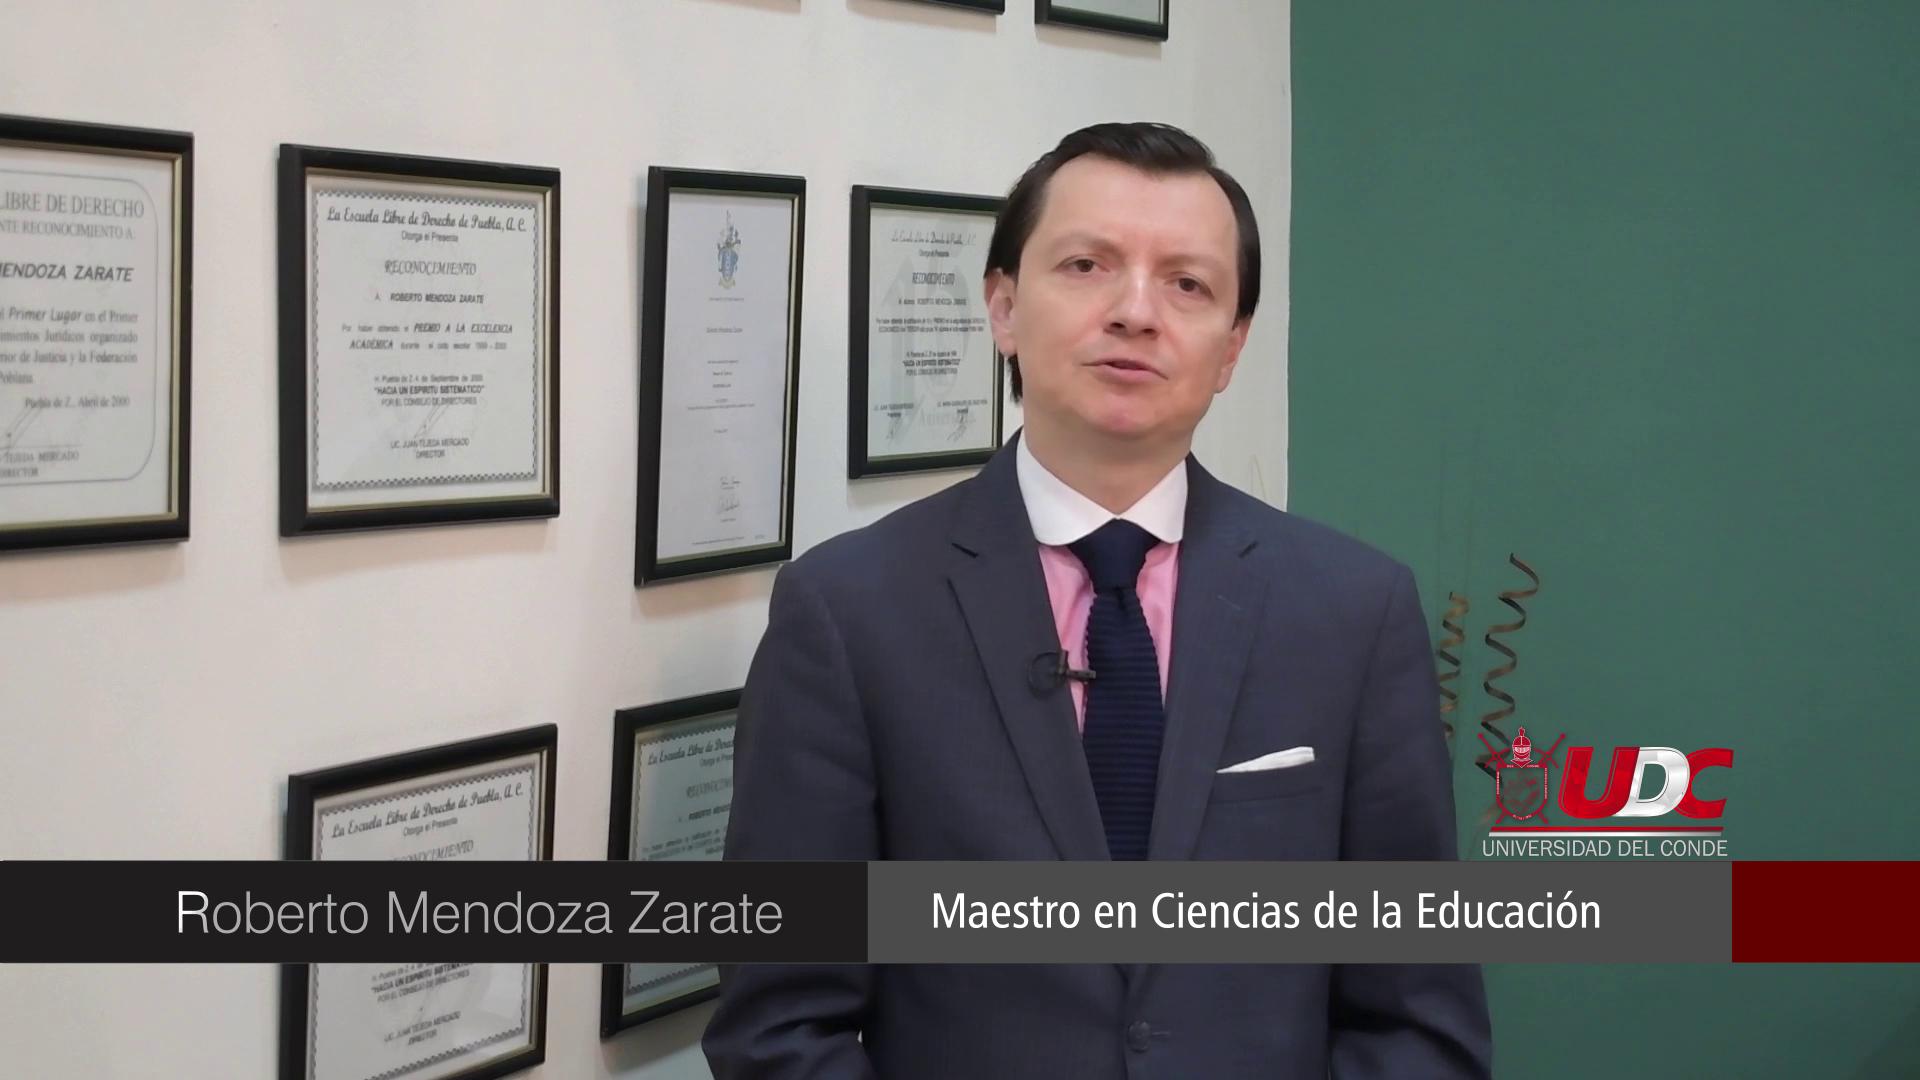 Derecho A La Privacidad Y El Respeto A Los Bienes De Las Personas Por El Mtro. Roberto Mendoza Zarate